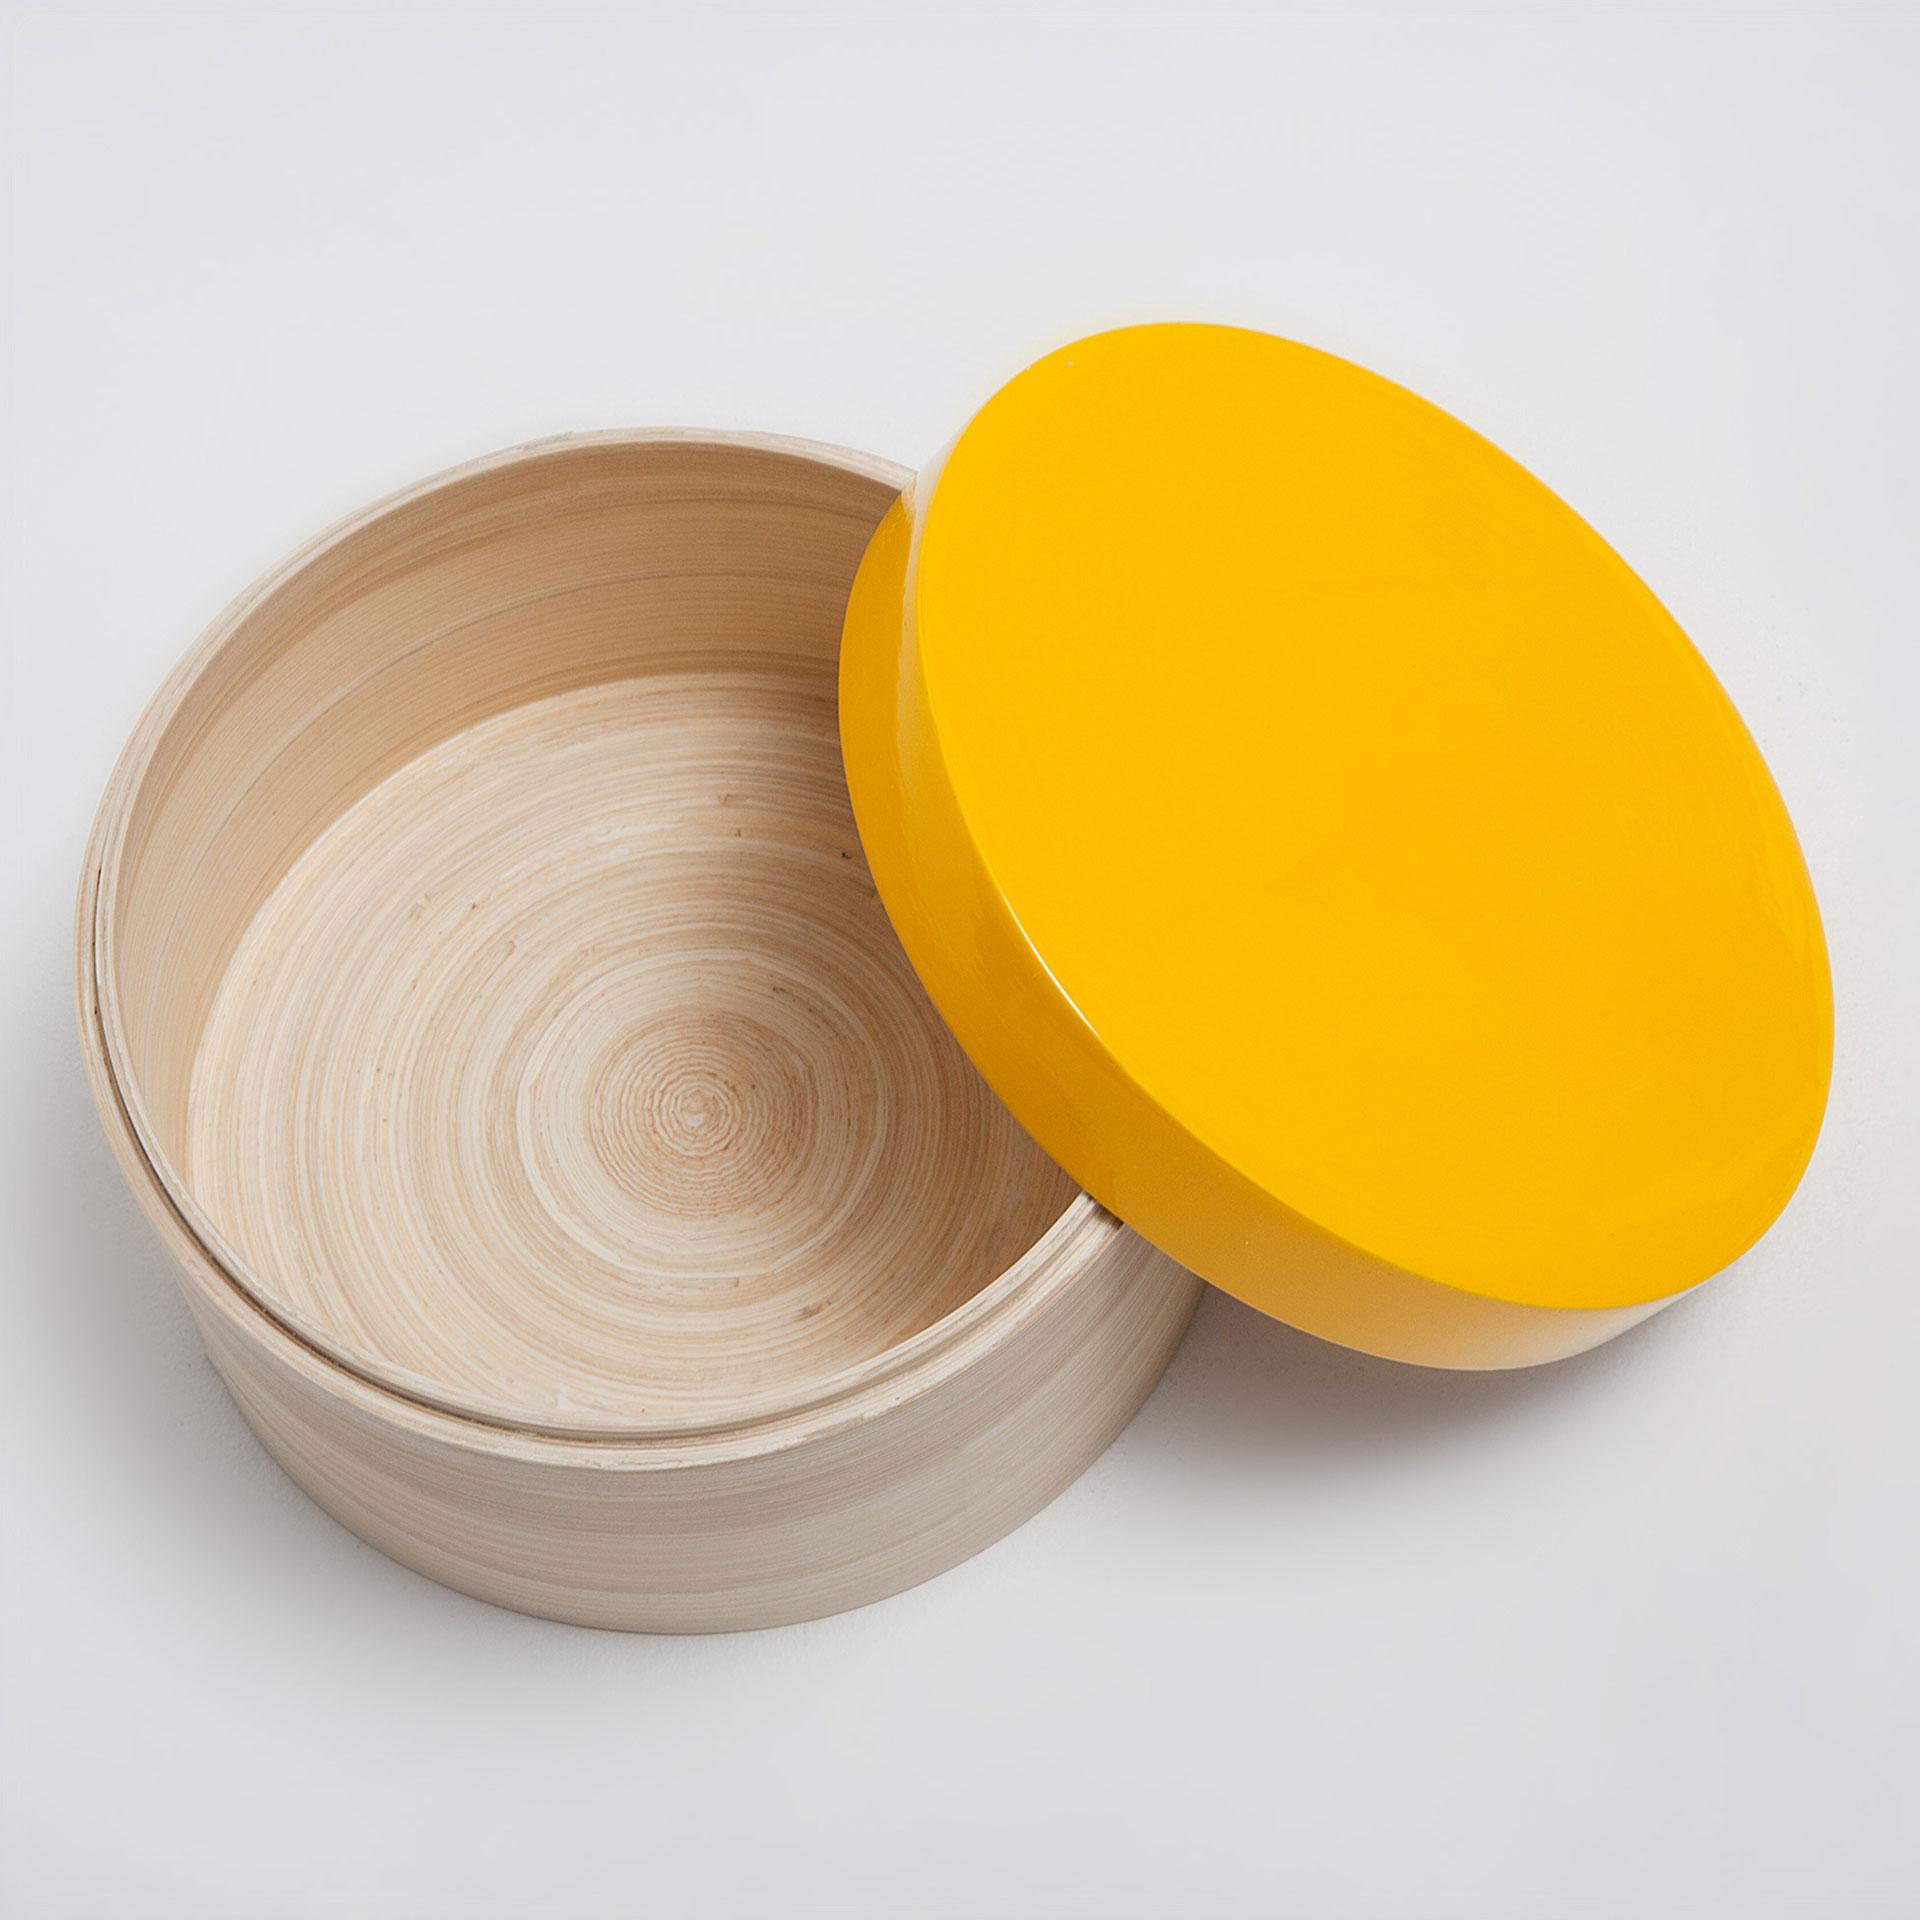 caja bamb y madera tapa amarilla